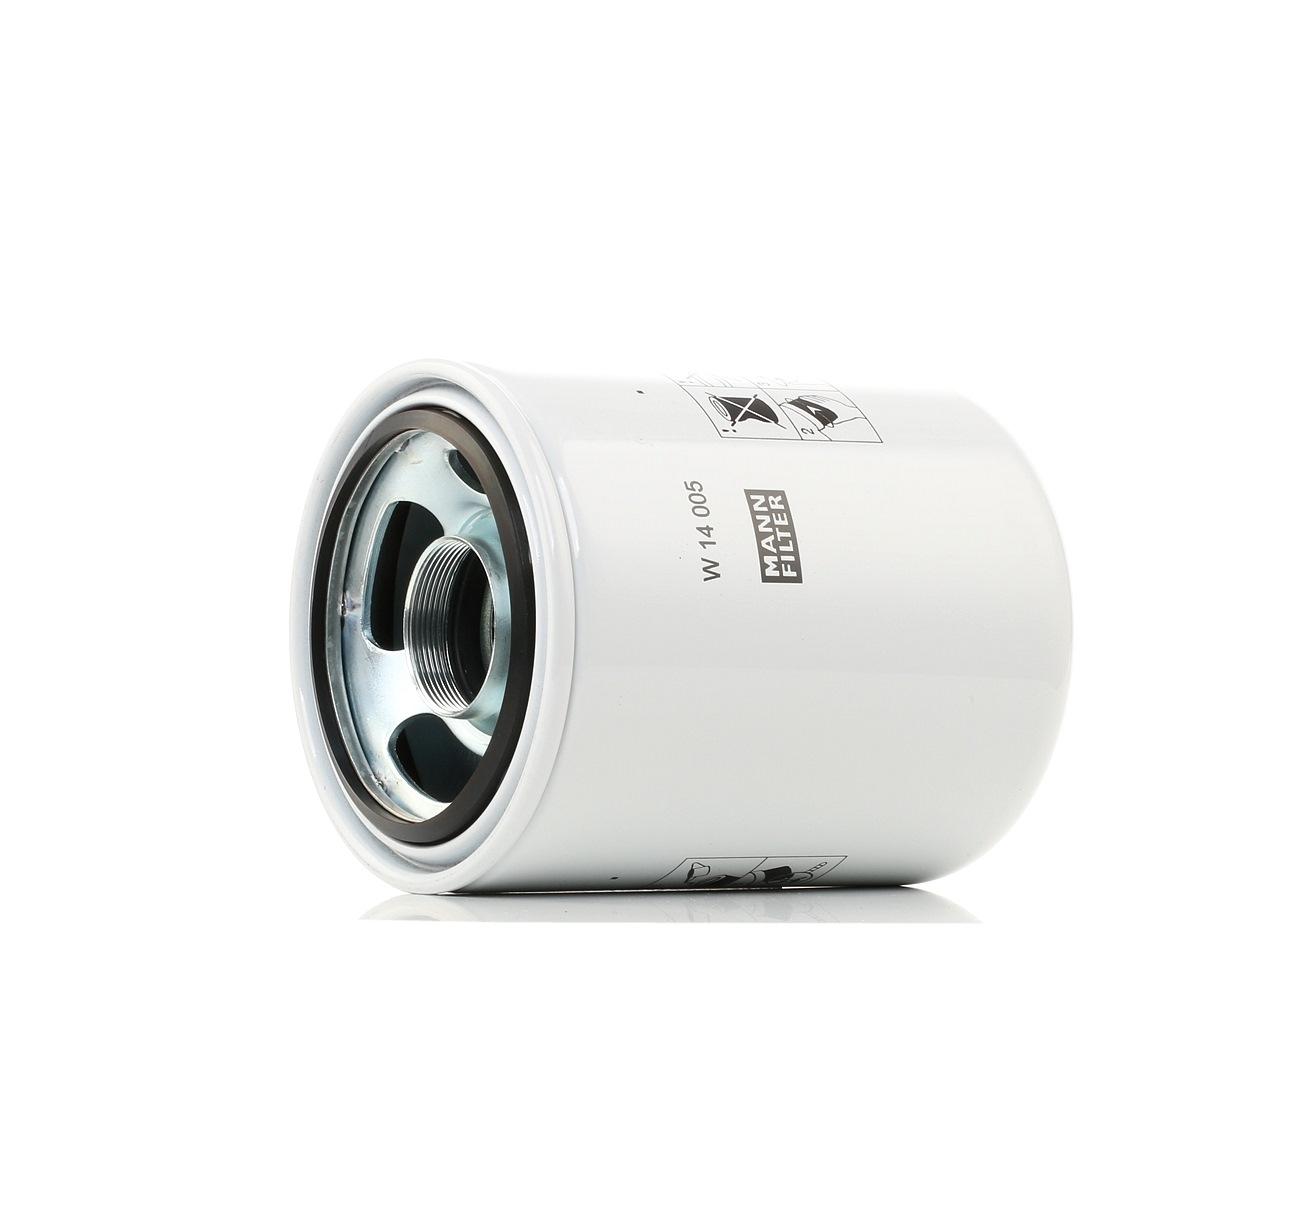 Nutzfahrzeuge MANN-FILTER Filter, Arbeitshydraulik W 14 005 kaufen